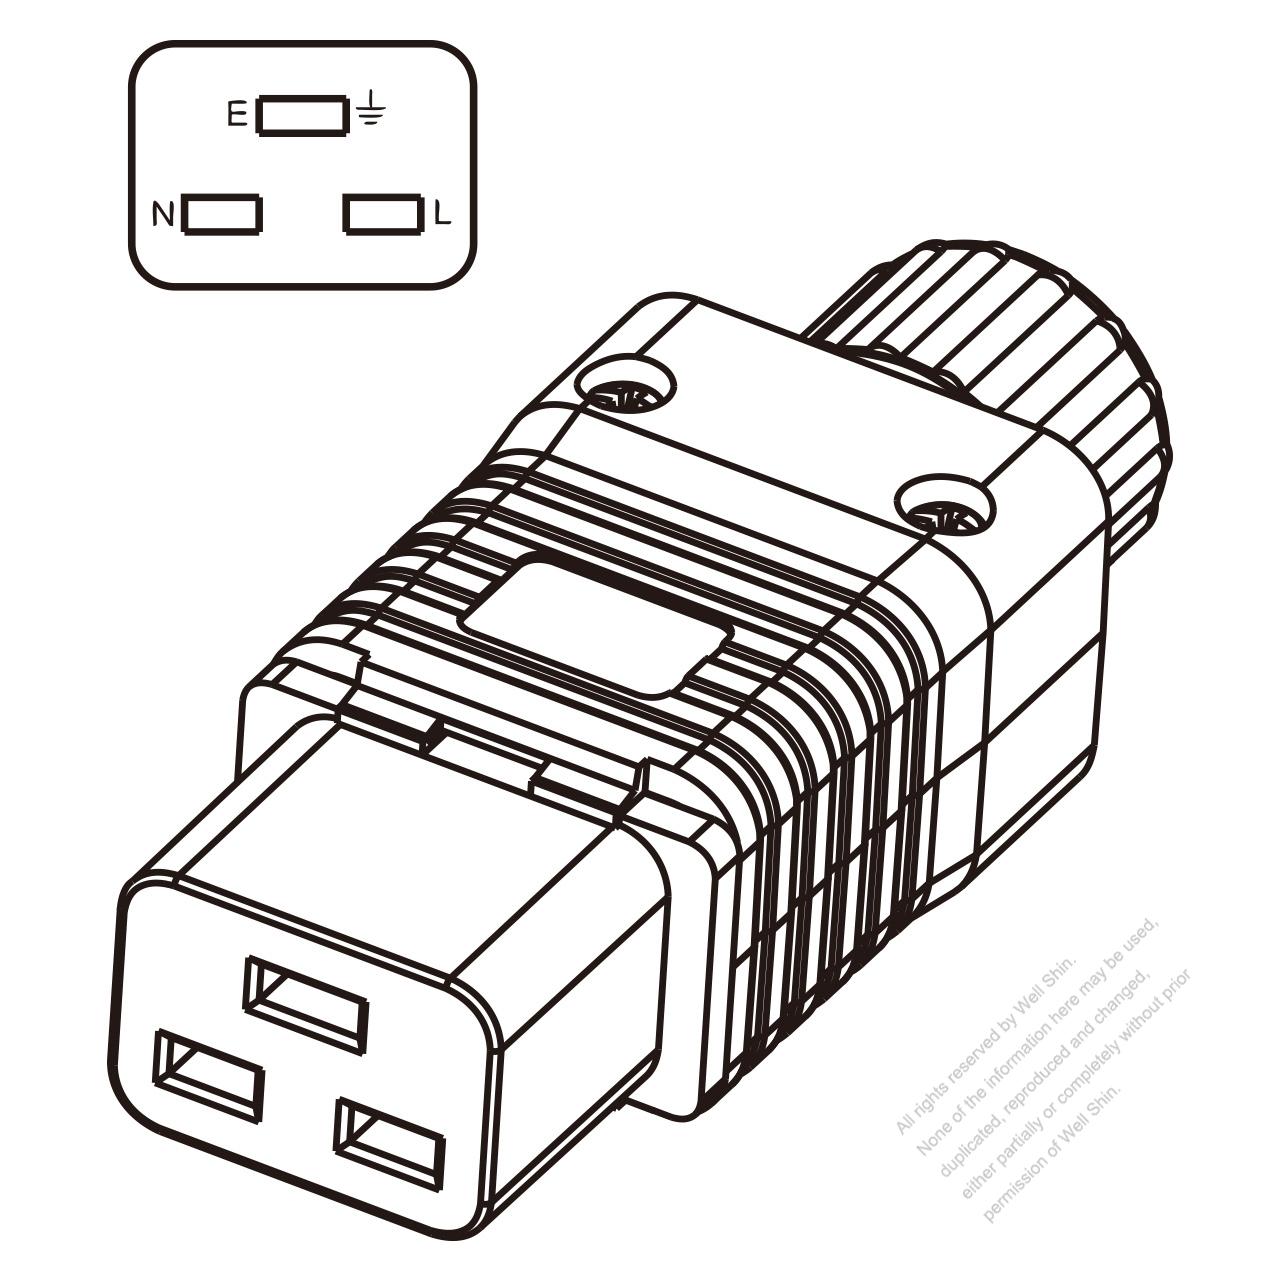 iec 320 c19 connector 3